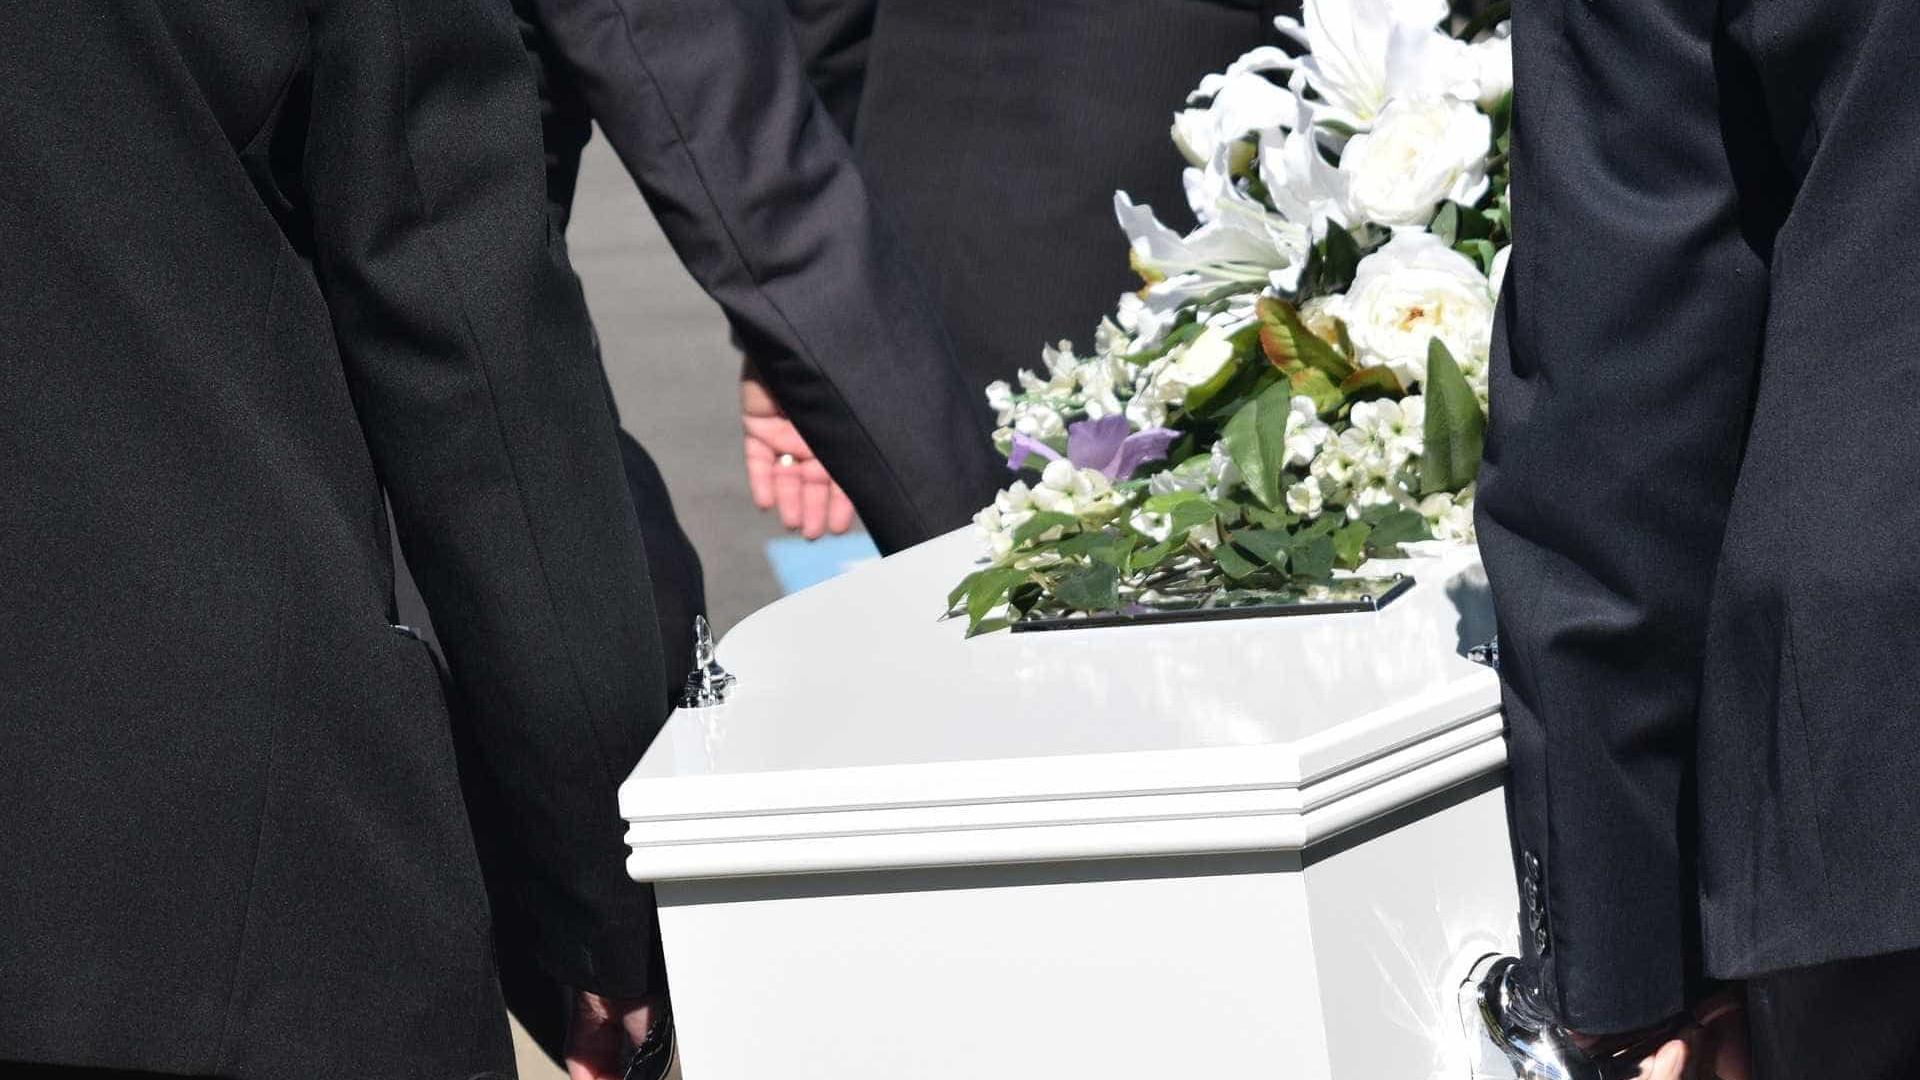 Mãe recusa enterro da filha por acreditar que jovem ainda está viva